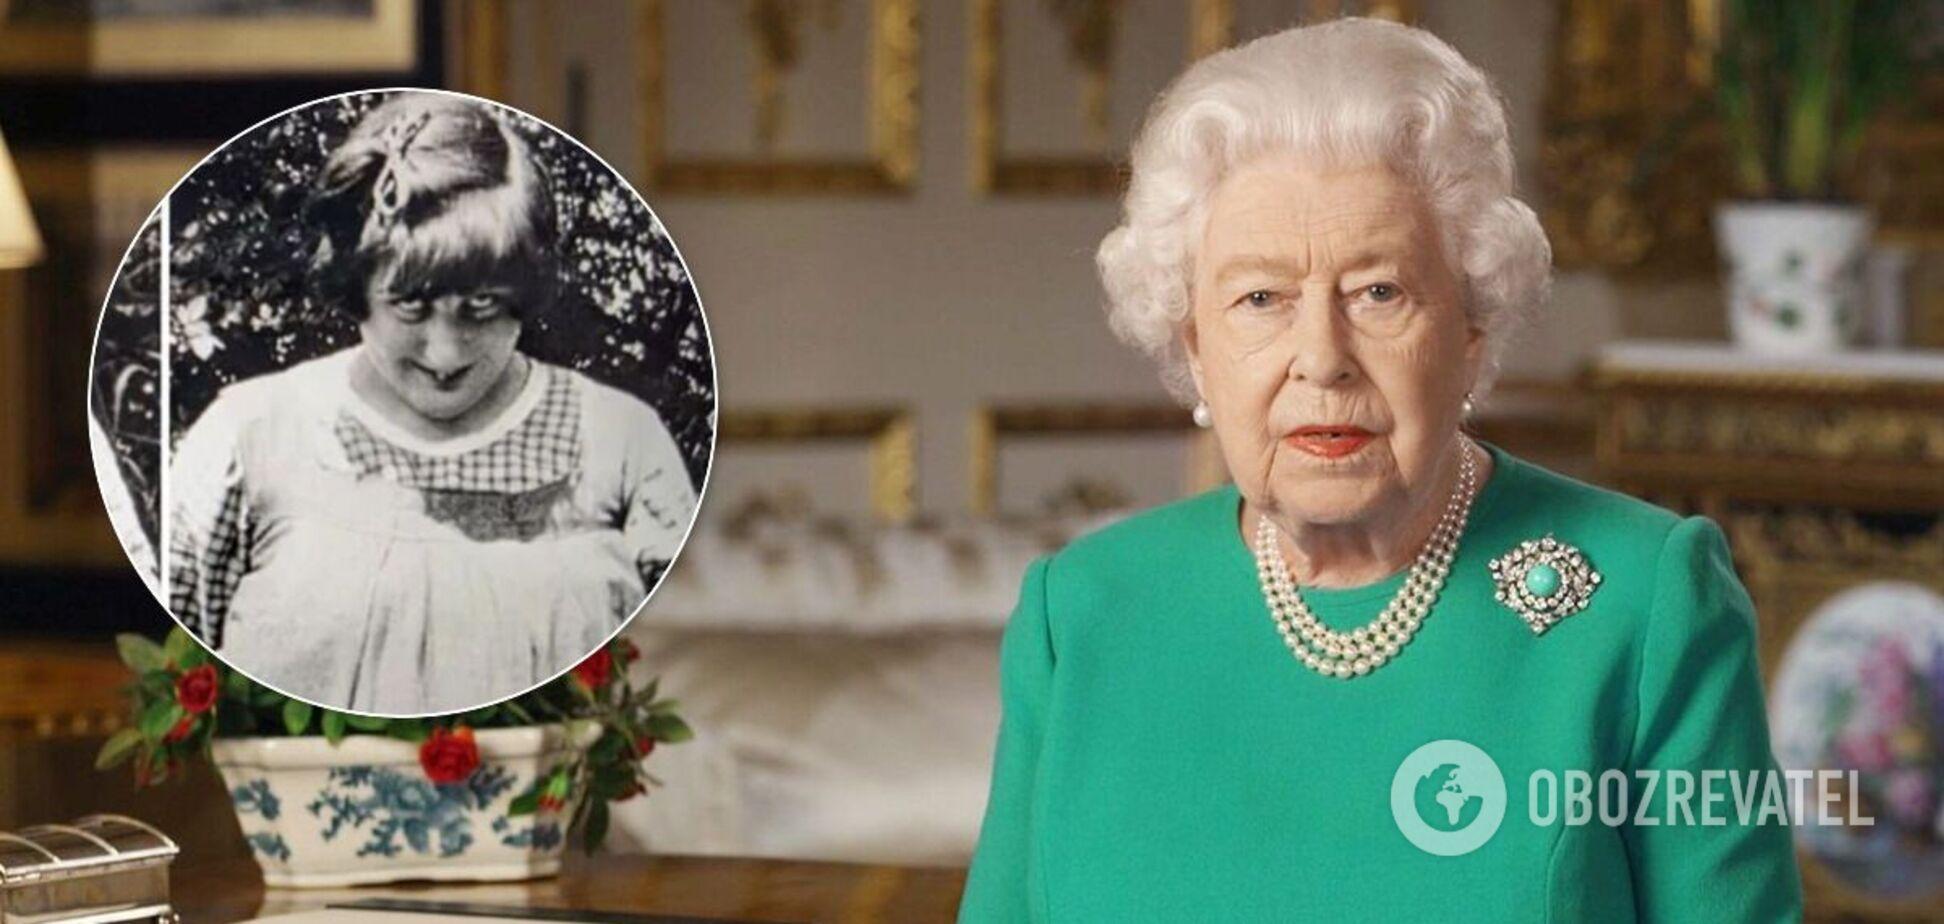 Сестри королеви Єлизавети II провели життя в психлікарні